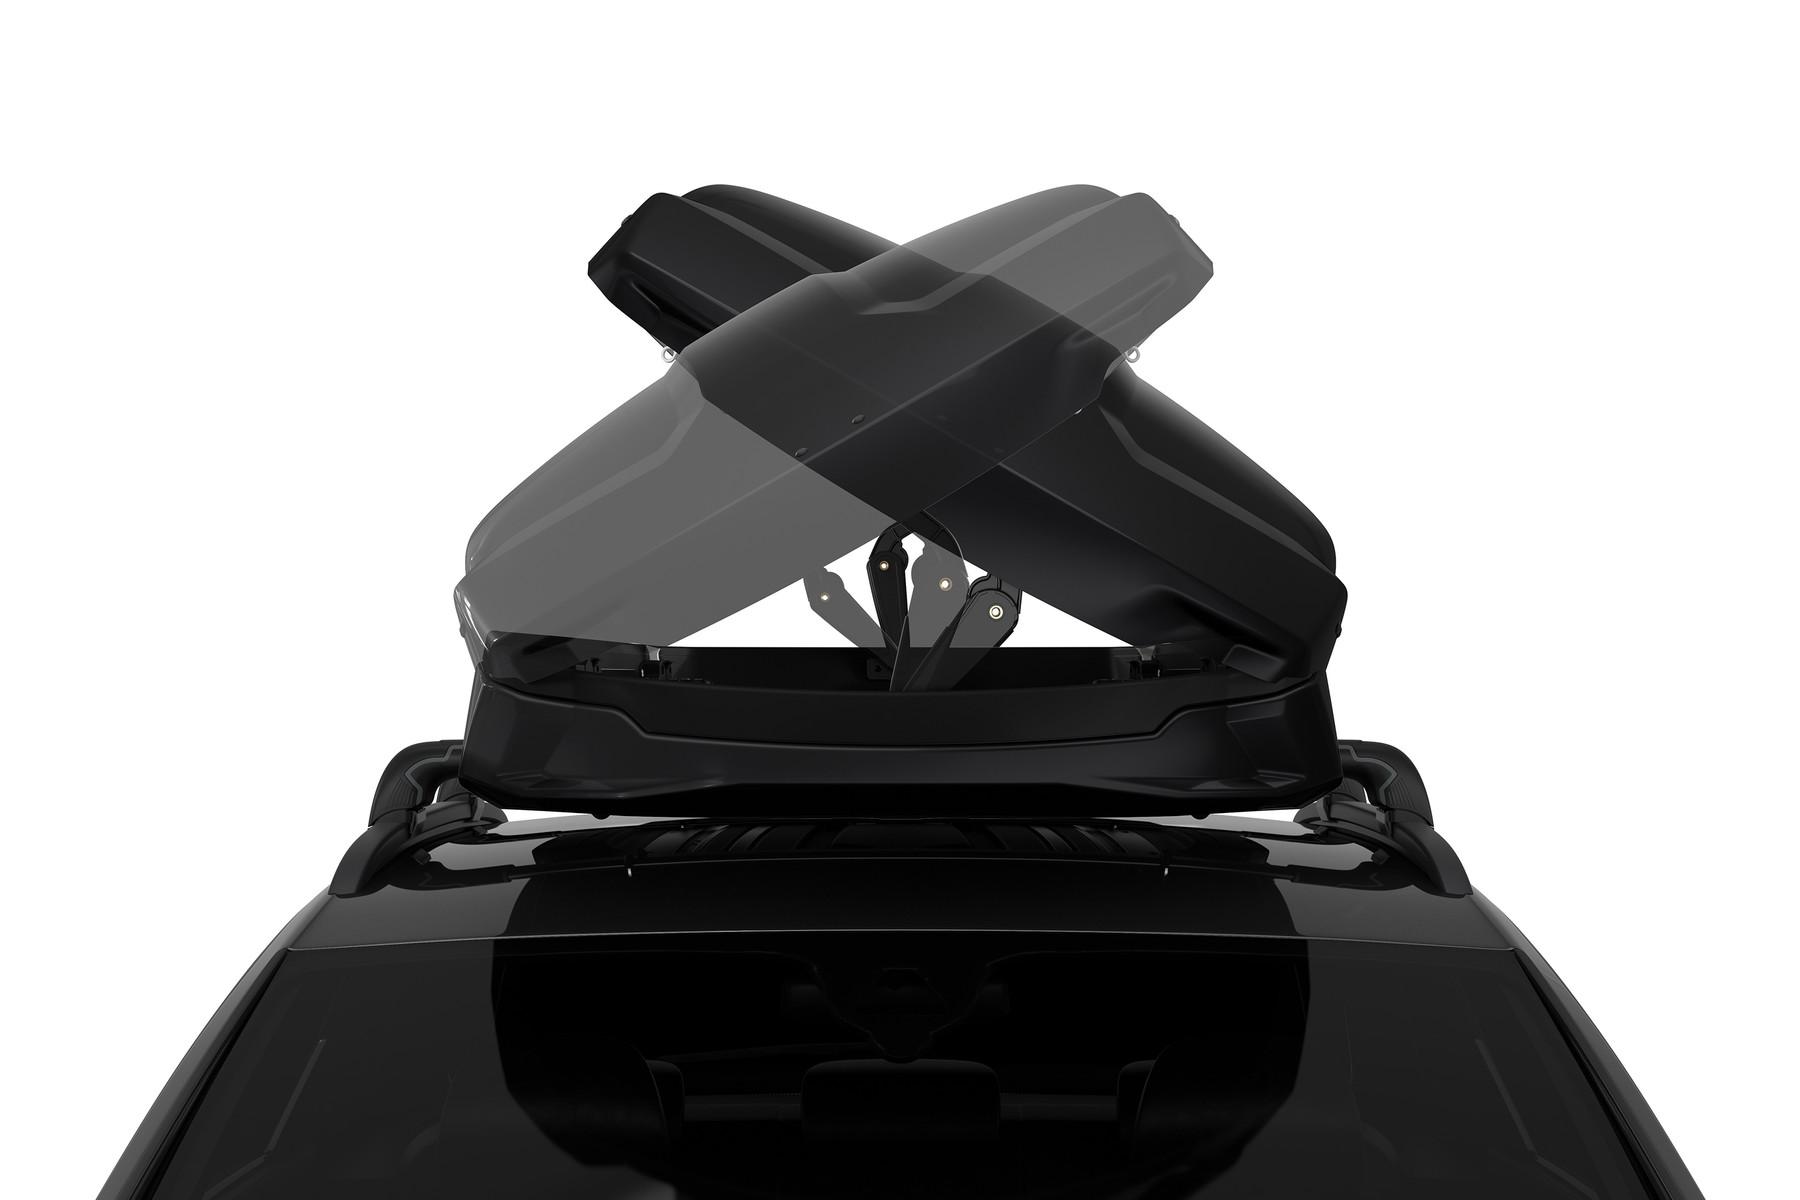 Автомобильный бокс Thule Vector M - Чёрный глянец ( 212 x 88 x 33 см ) - ( 360 литров ) - ( 613201 / 6132-01 / 6132-1 / 6132b )